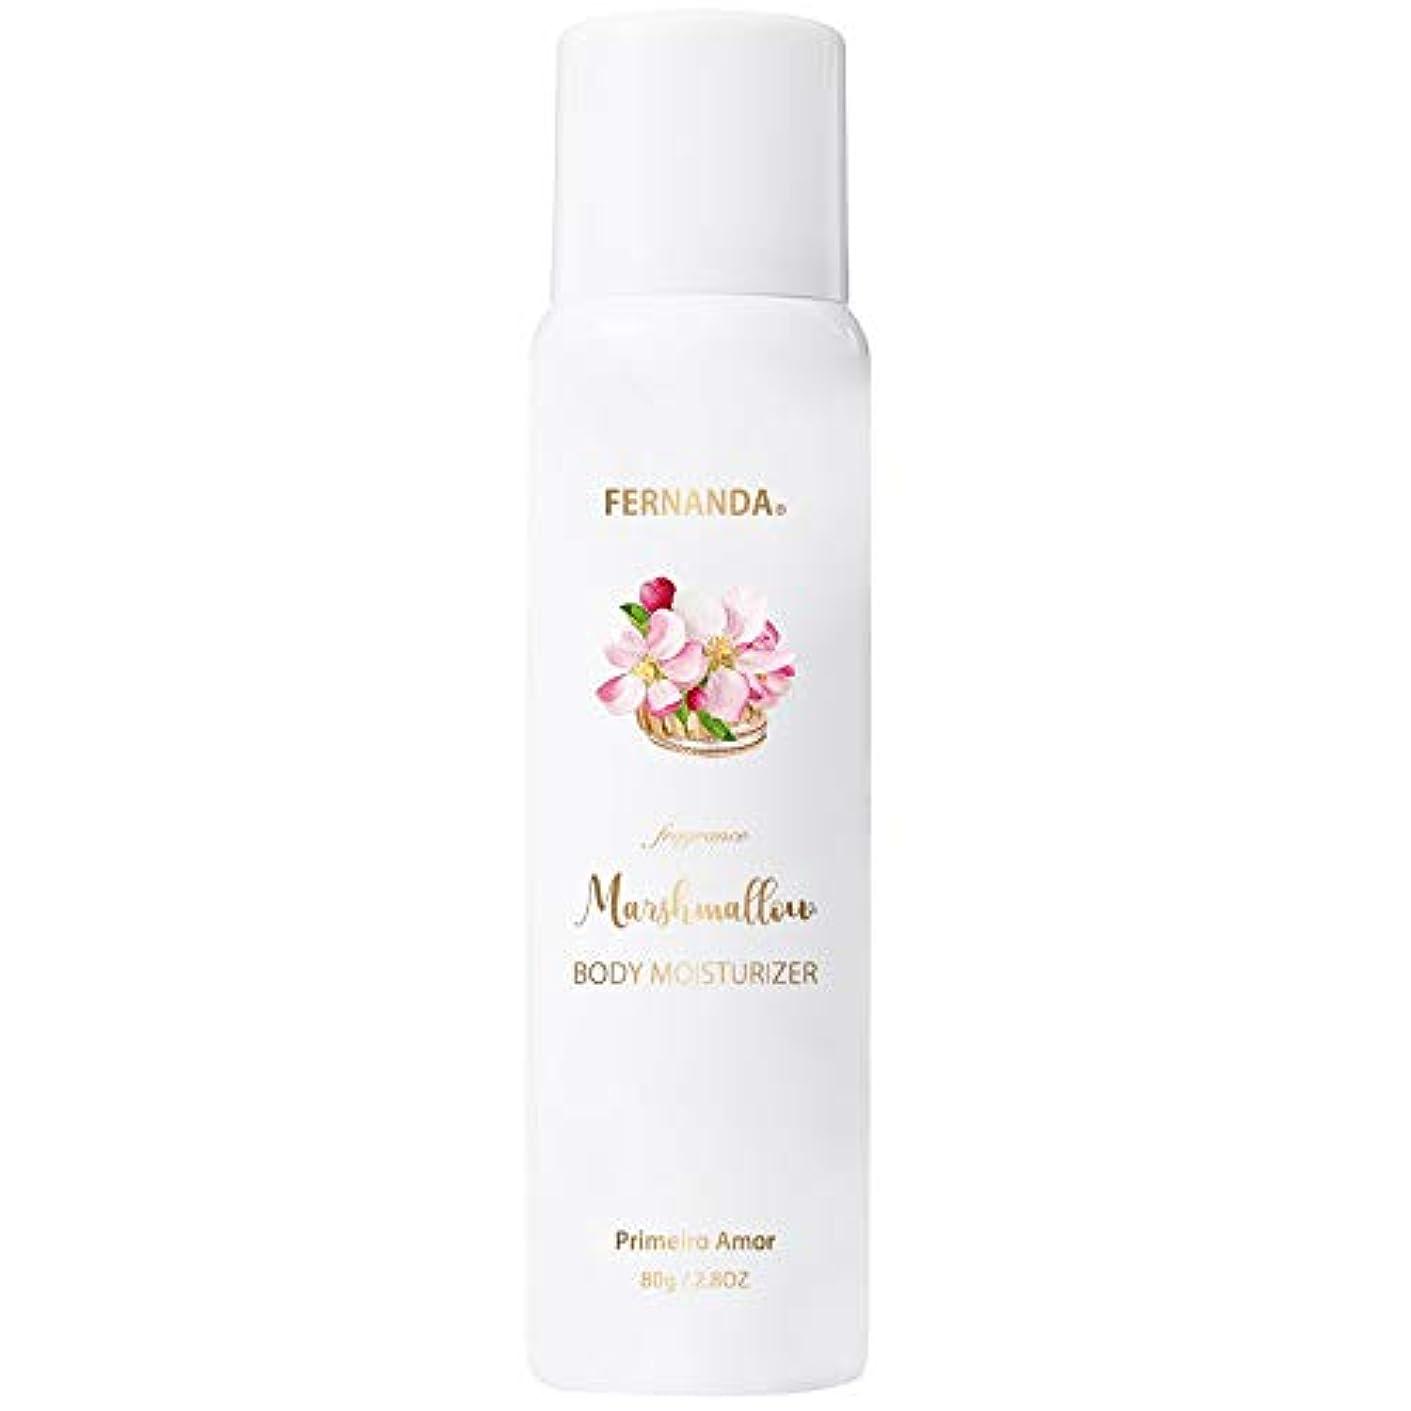 現像対象評判FERNANDA(フェルナンダ) Marshmallow Body Moisturizer Primeiro Amor (マシュマロ ボディ モイスチャライザー プリメイロアモール)